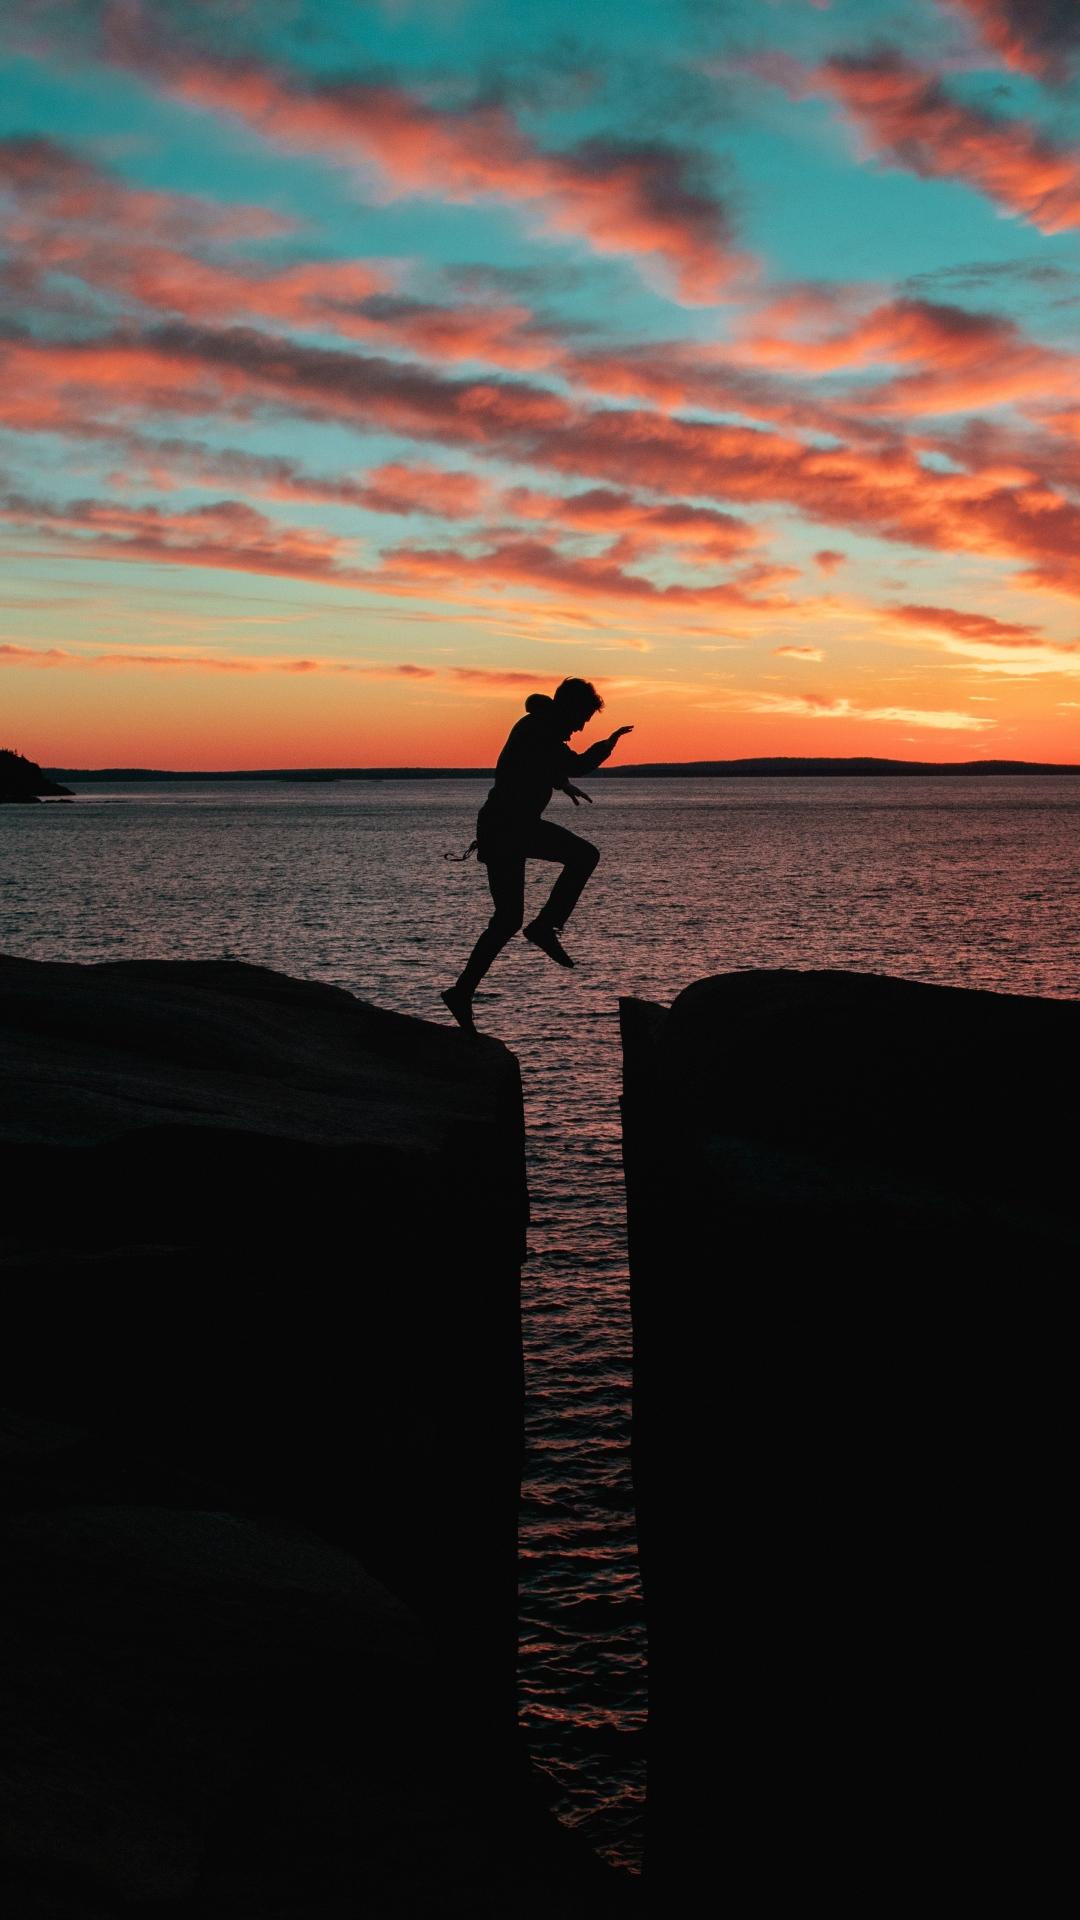 silhouette man jump sea 116659 1080x1920 Silhouette